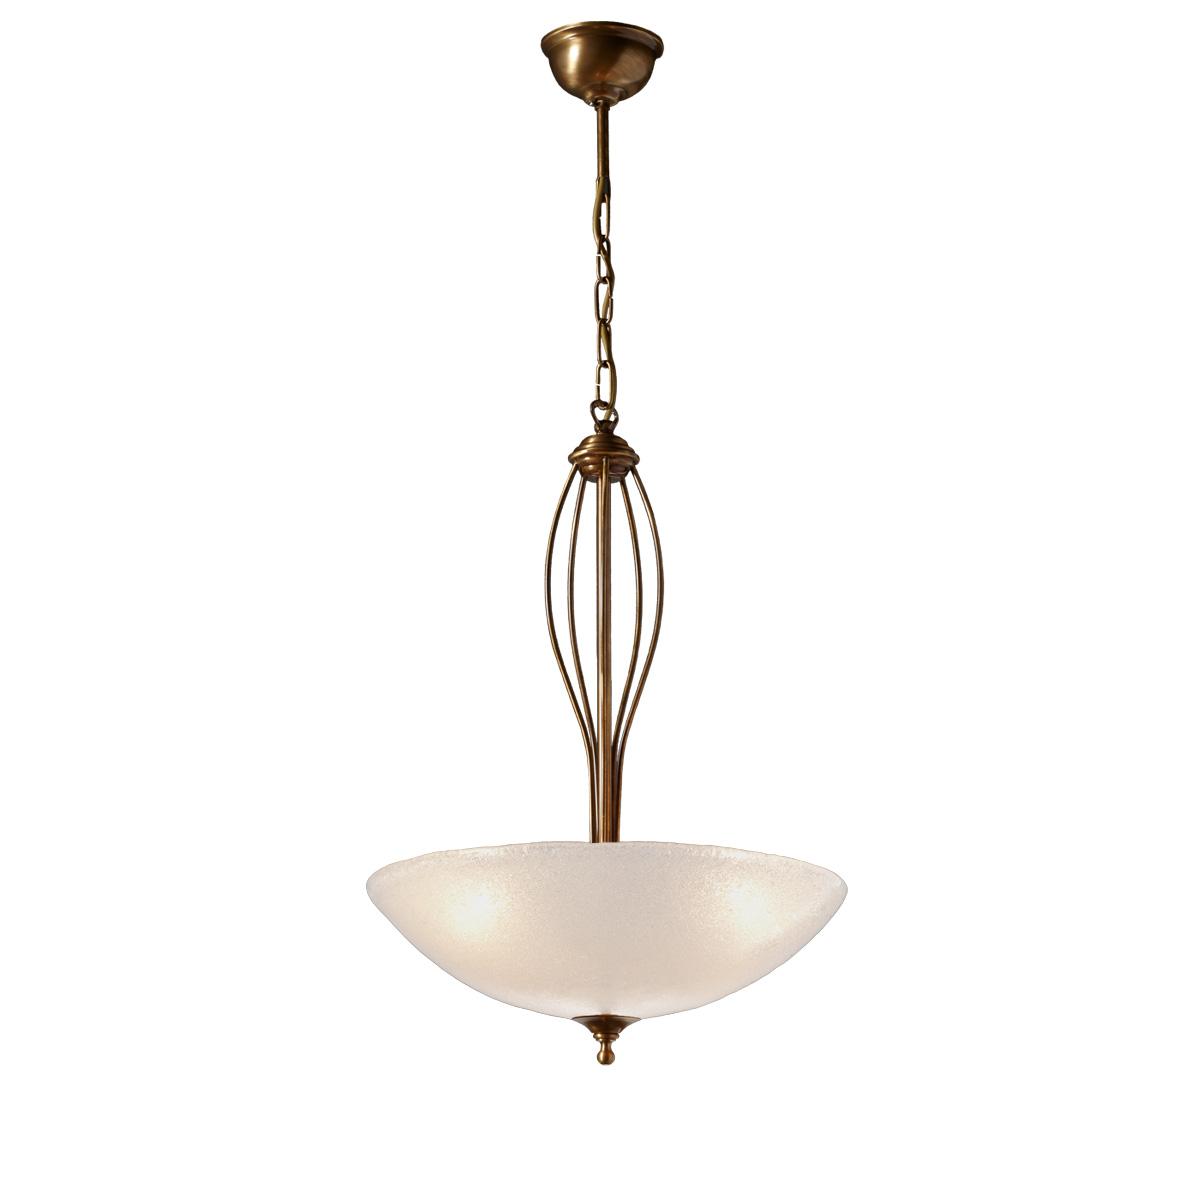 Μπρούτζινο κρεμαστό φωτιστικό ΝΥΜΦΑΙΟ brass suspension lamp